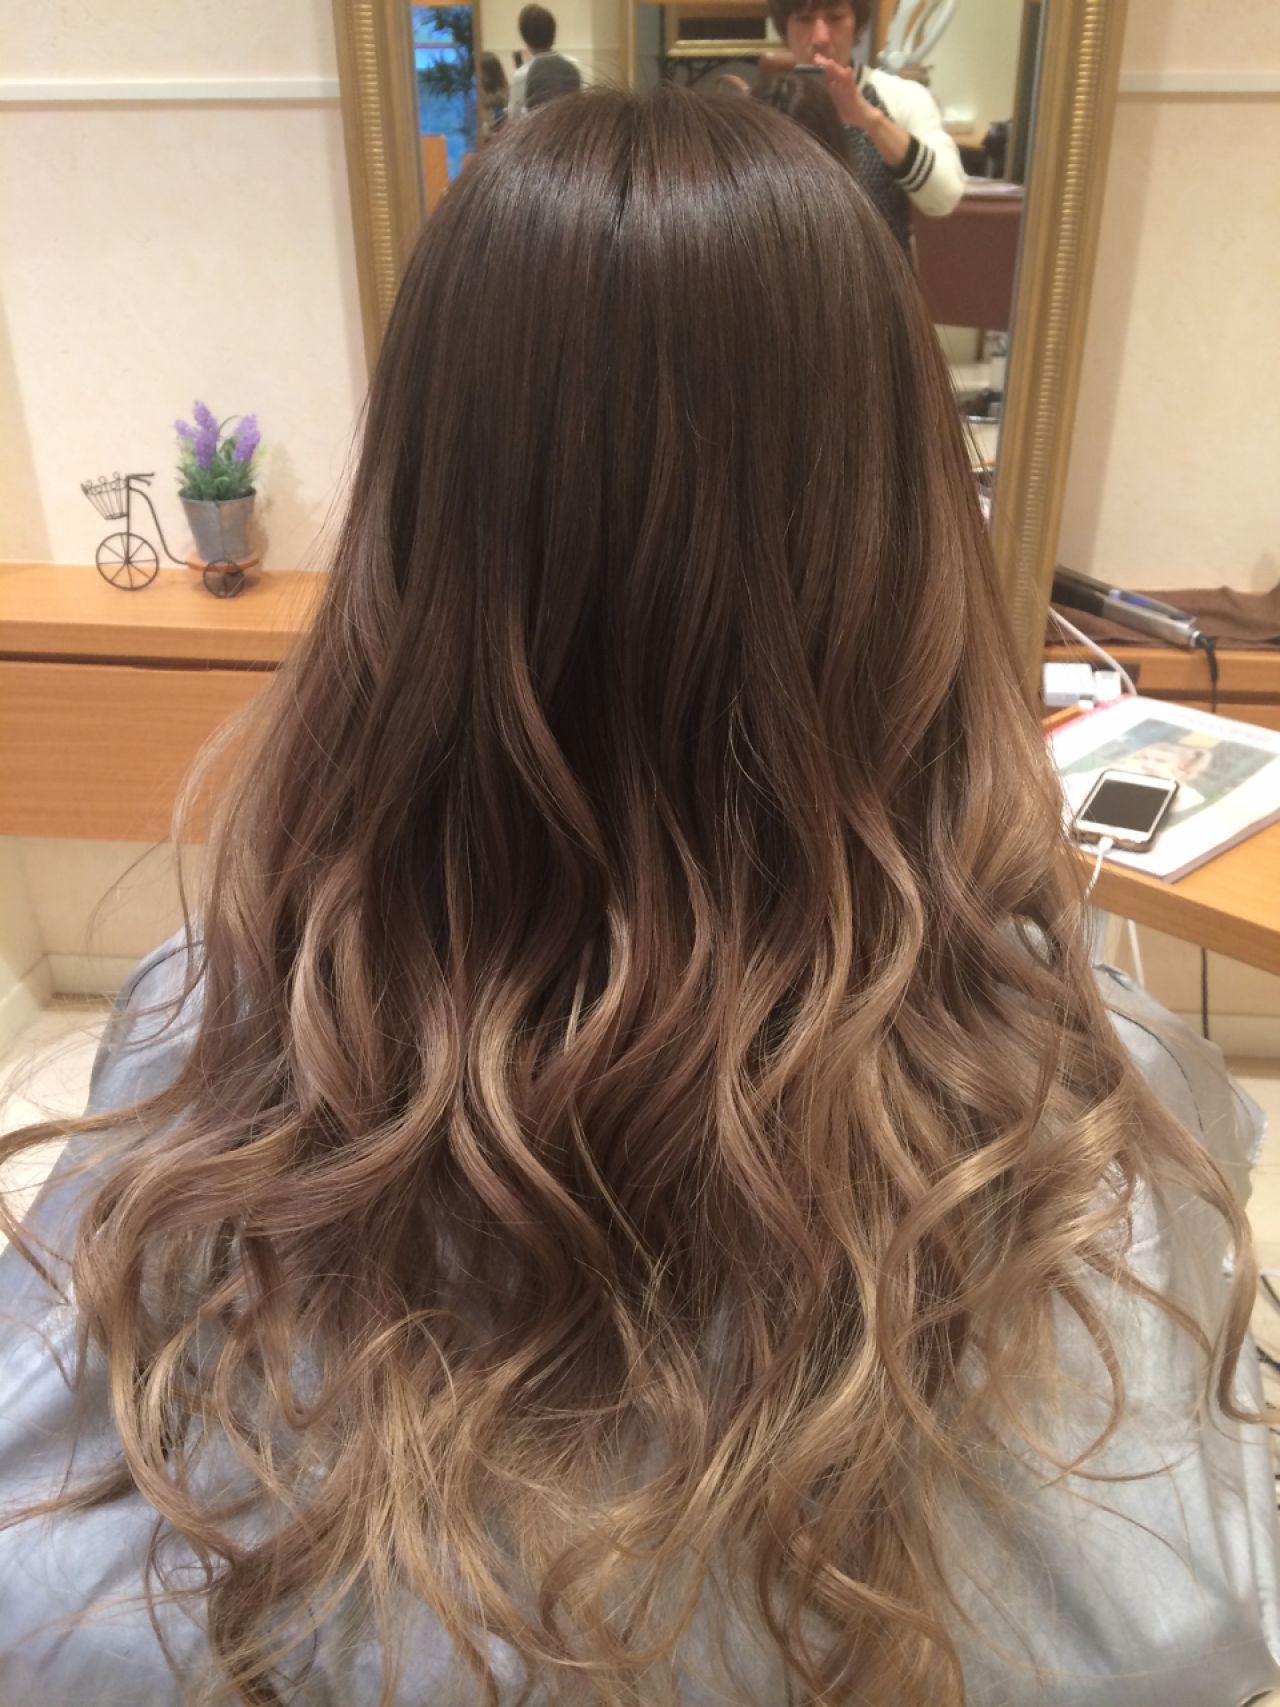 HAIRで人気のスナップをPickup!誰もが憧れるグラデーションカラー。 佐門 豊 / RISELw/u